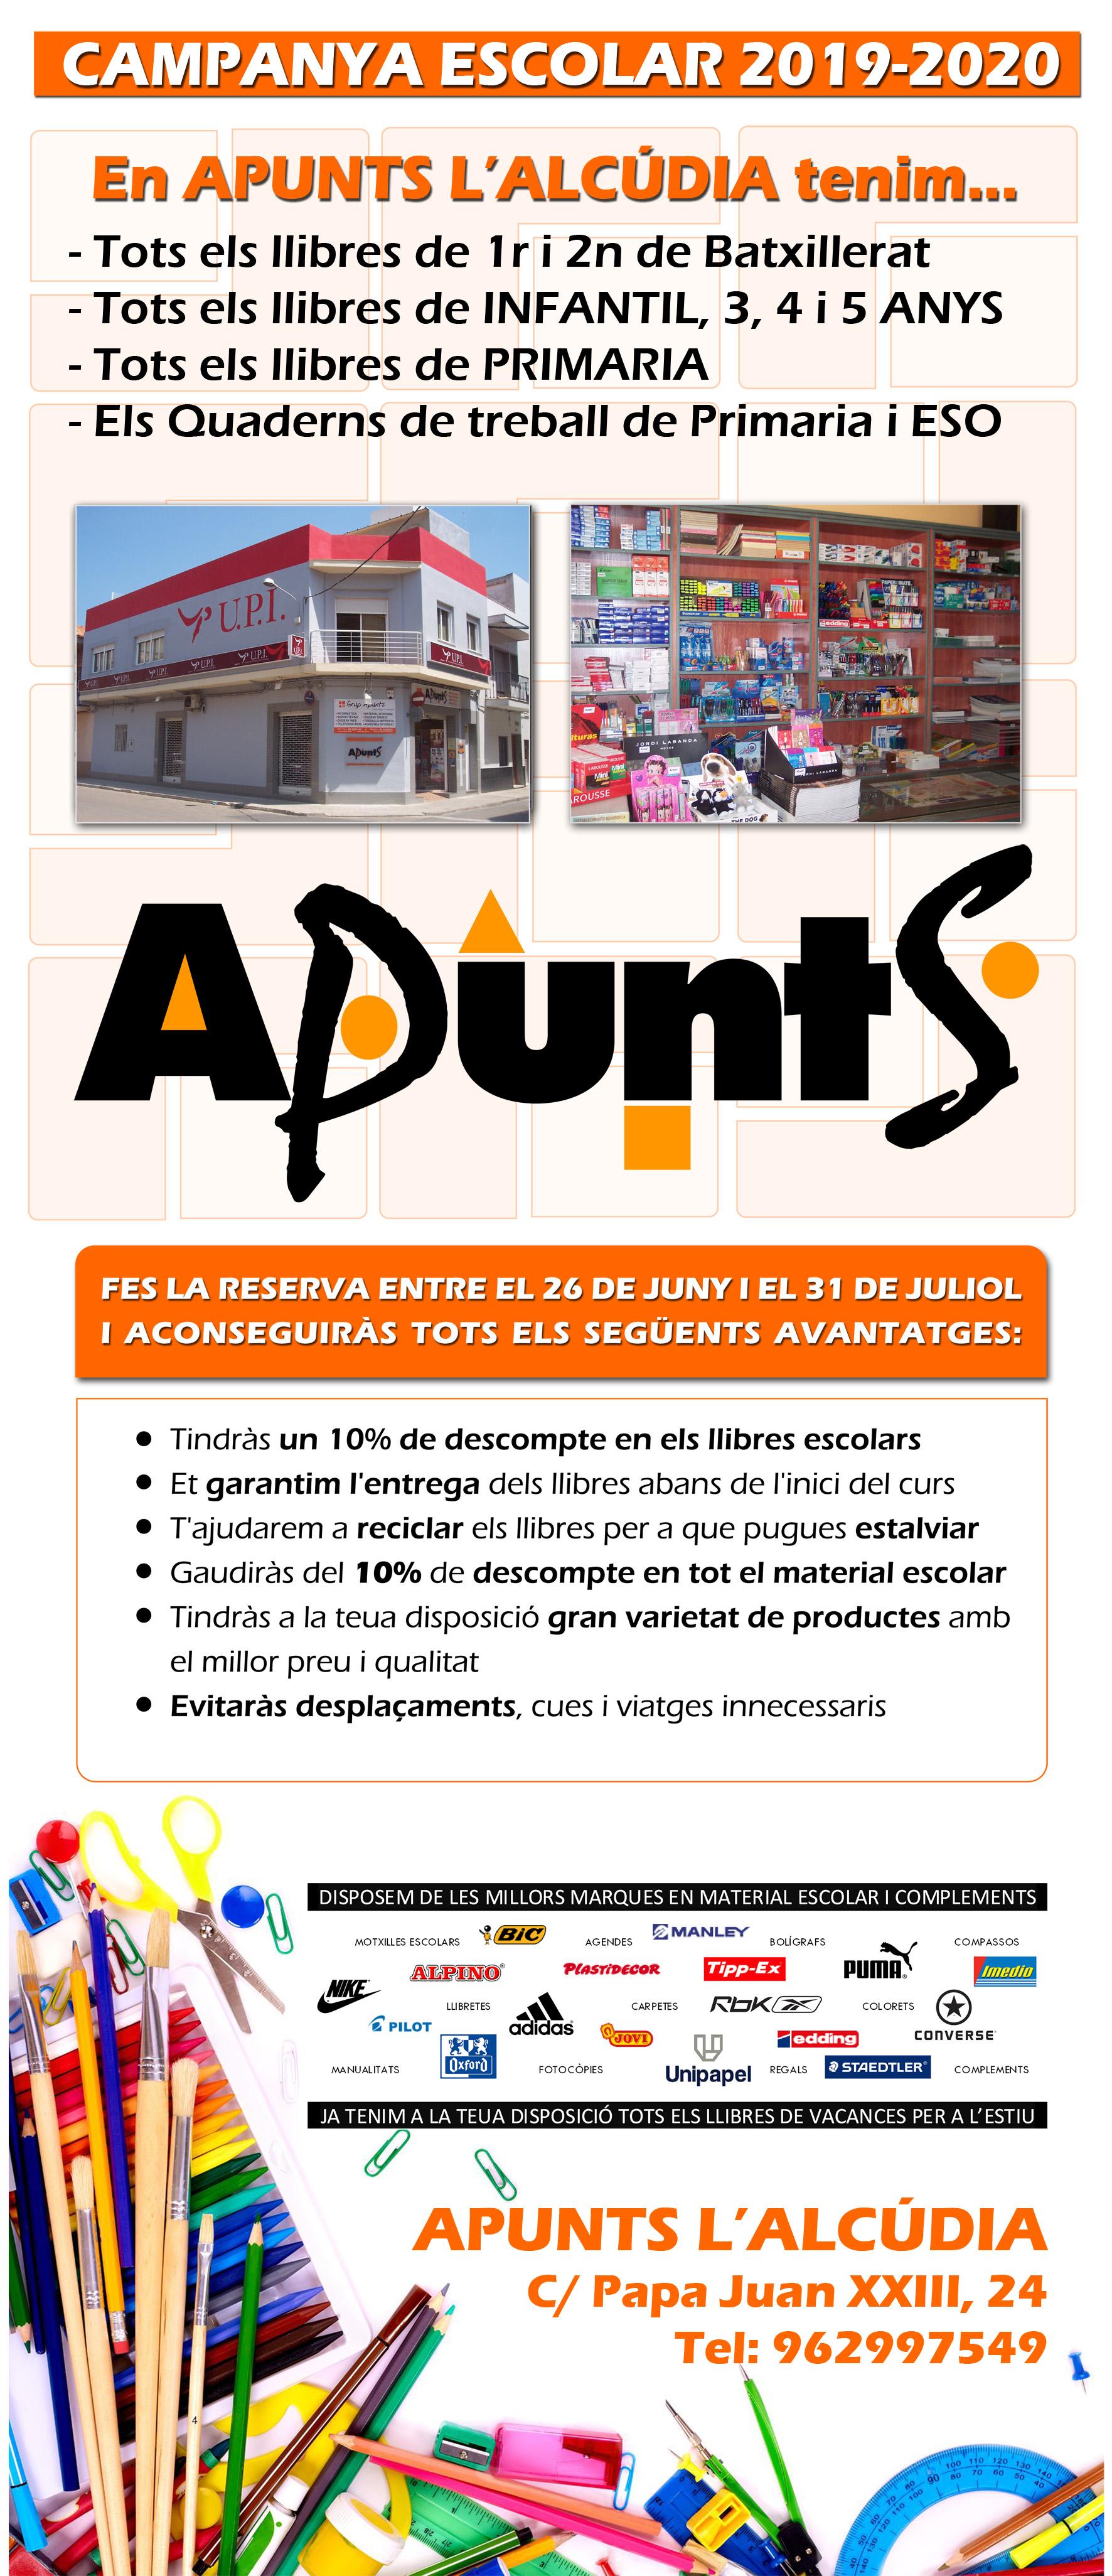 vuelta_al_cole_apunts_libretas_libros_2019_alcudia_01